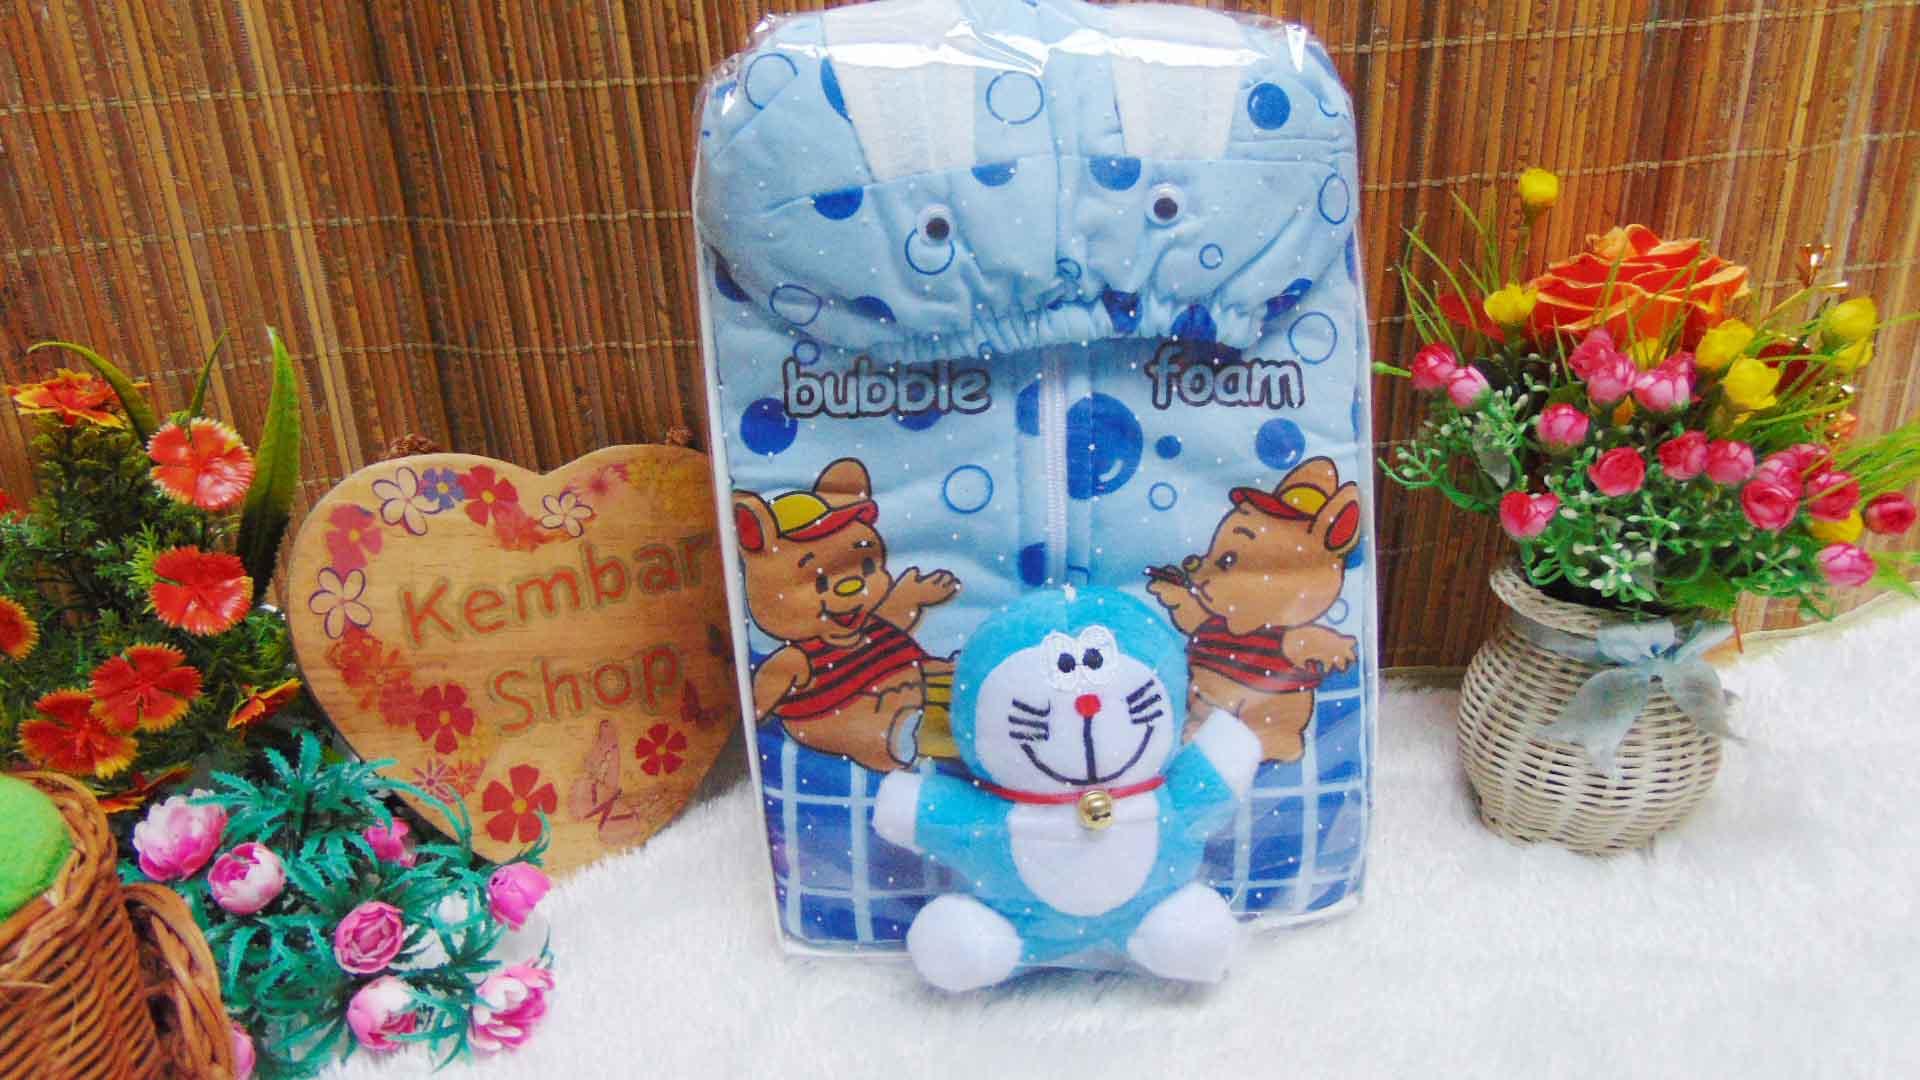 FREE KARTU UCAPAN paket kado lahiran bayi baby gift set (4)